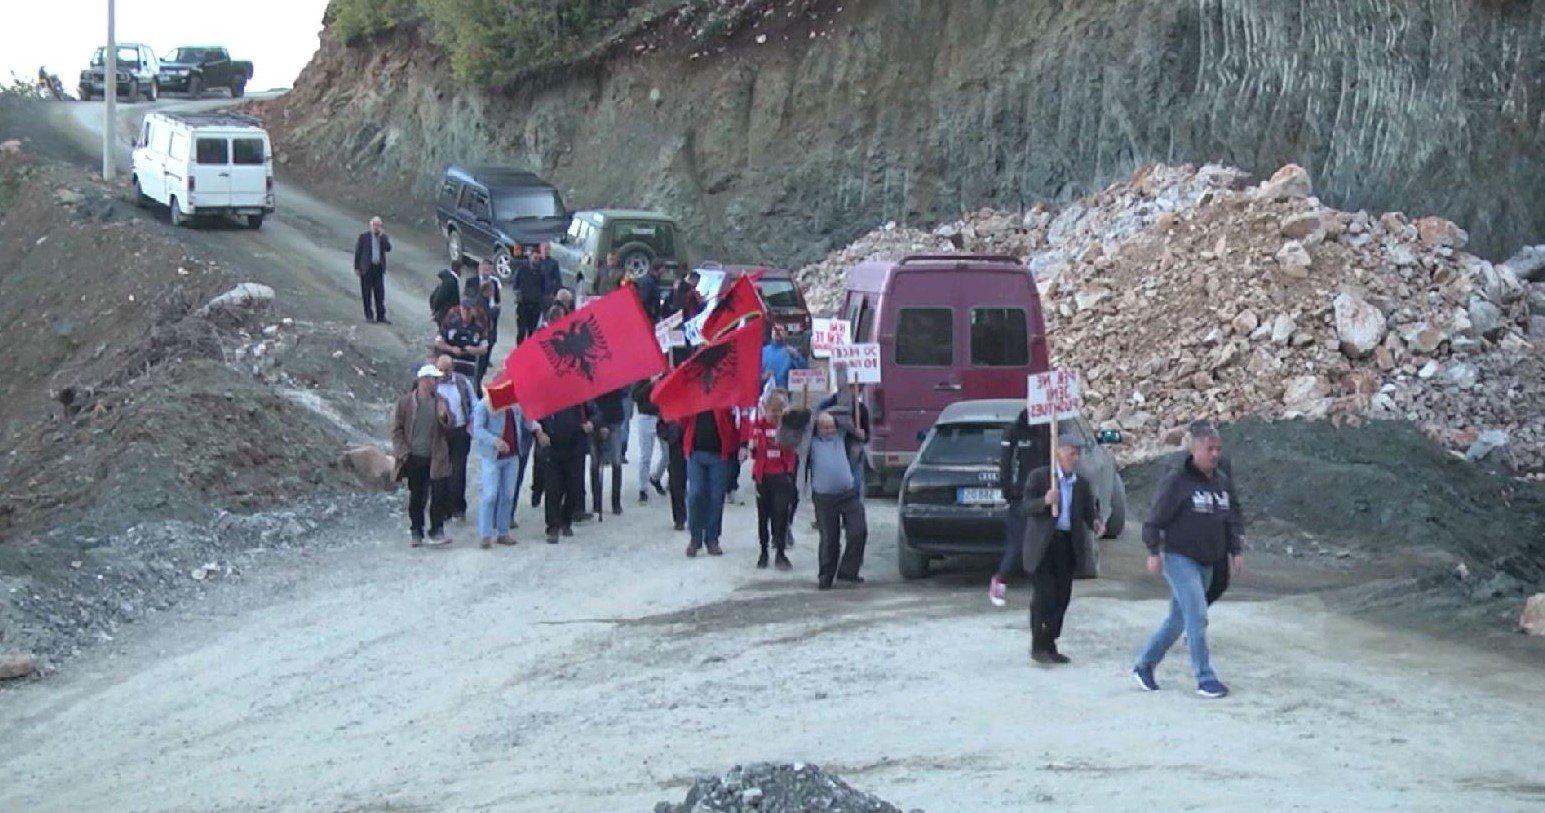 Ministria e Turizmit dhe Mjedisit e lë Parkun Kombëtarë Zall-Gjoçaj jashtë zonës së mbrojtur – Banorët  djegin pajisjet e kompanisë koncensionare